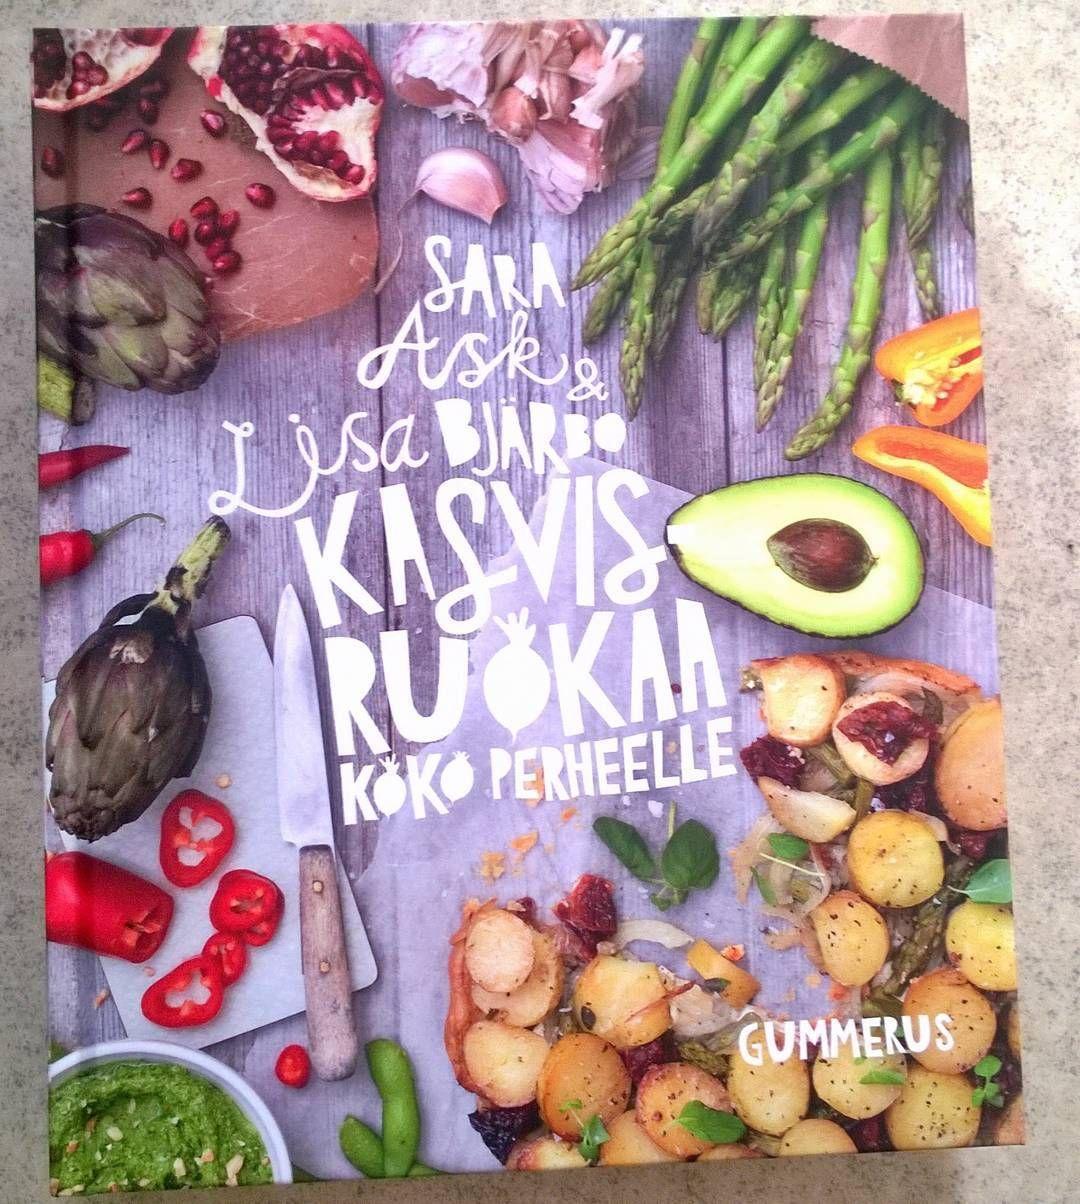 Kasvisruokaa keittokirja. #kasvisruoka #keittokirja #foodlover #ruokablogi #ruoka#kotiruoka #herkkusuu #lautasella #Herkkusuunlautasella